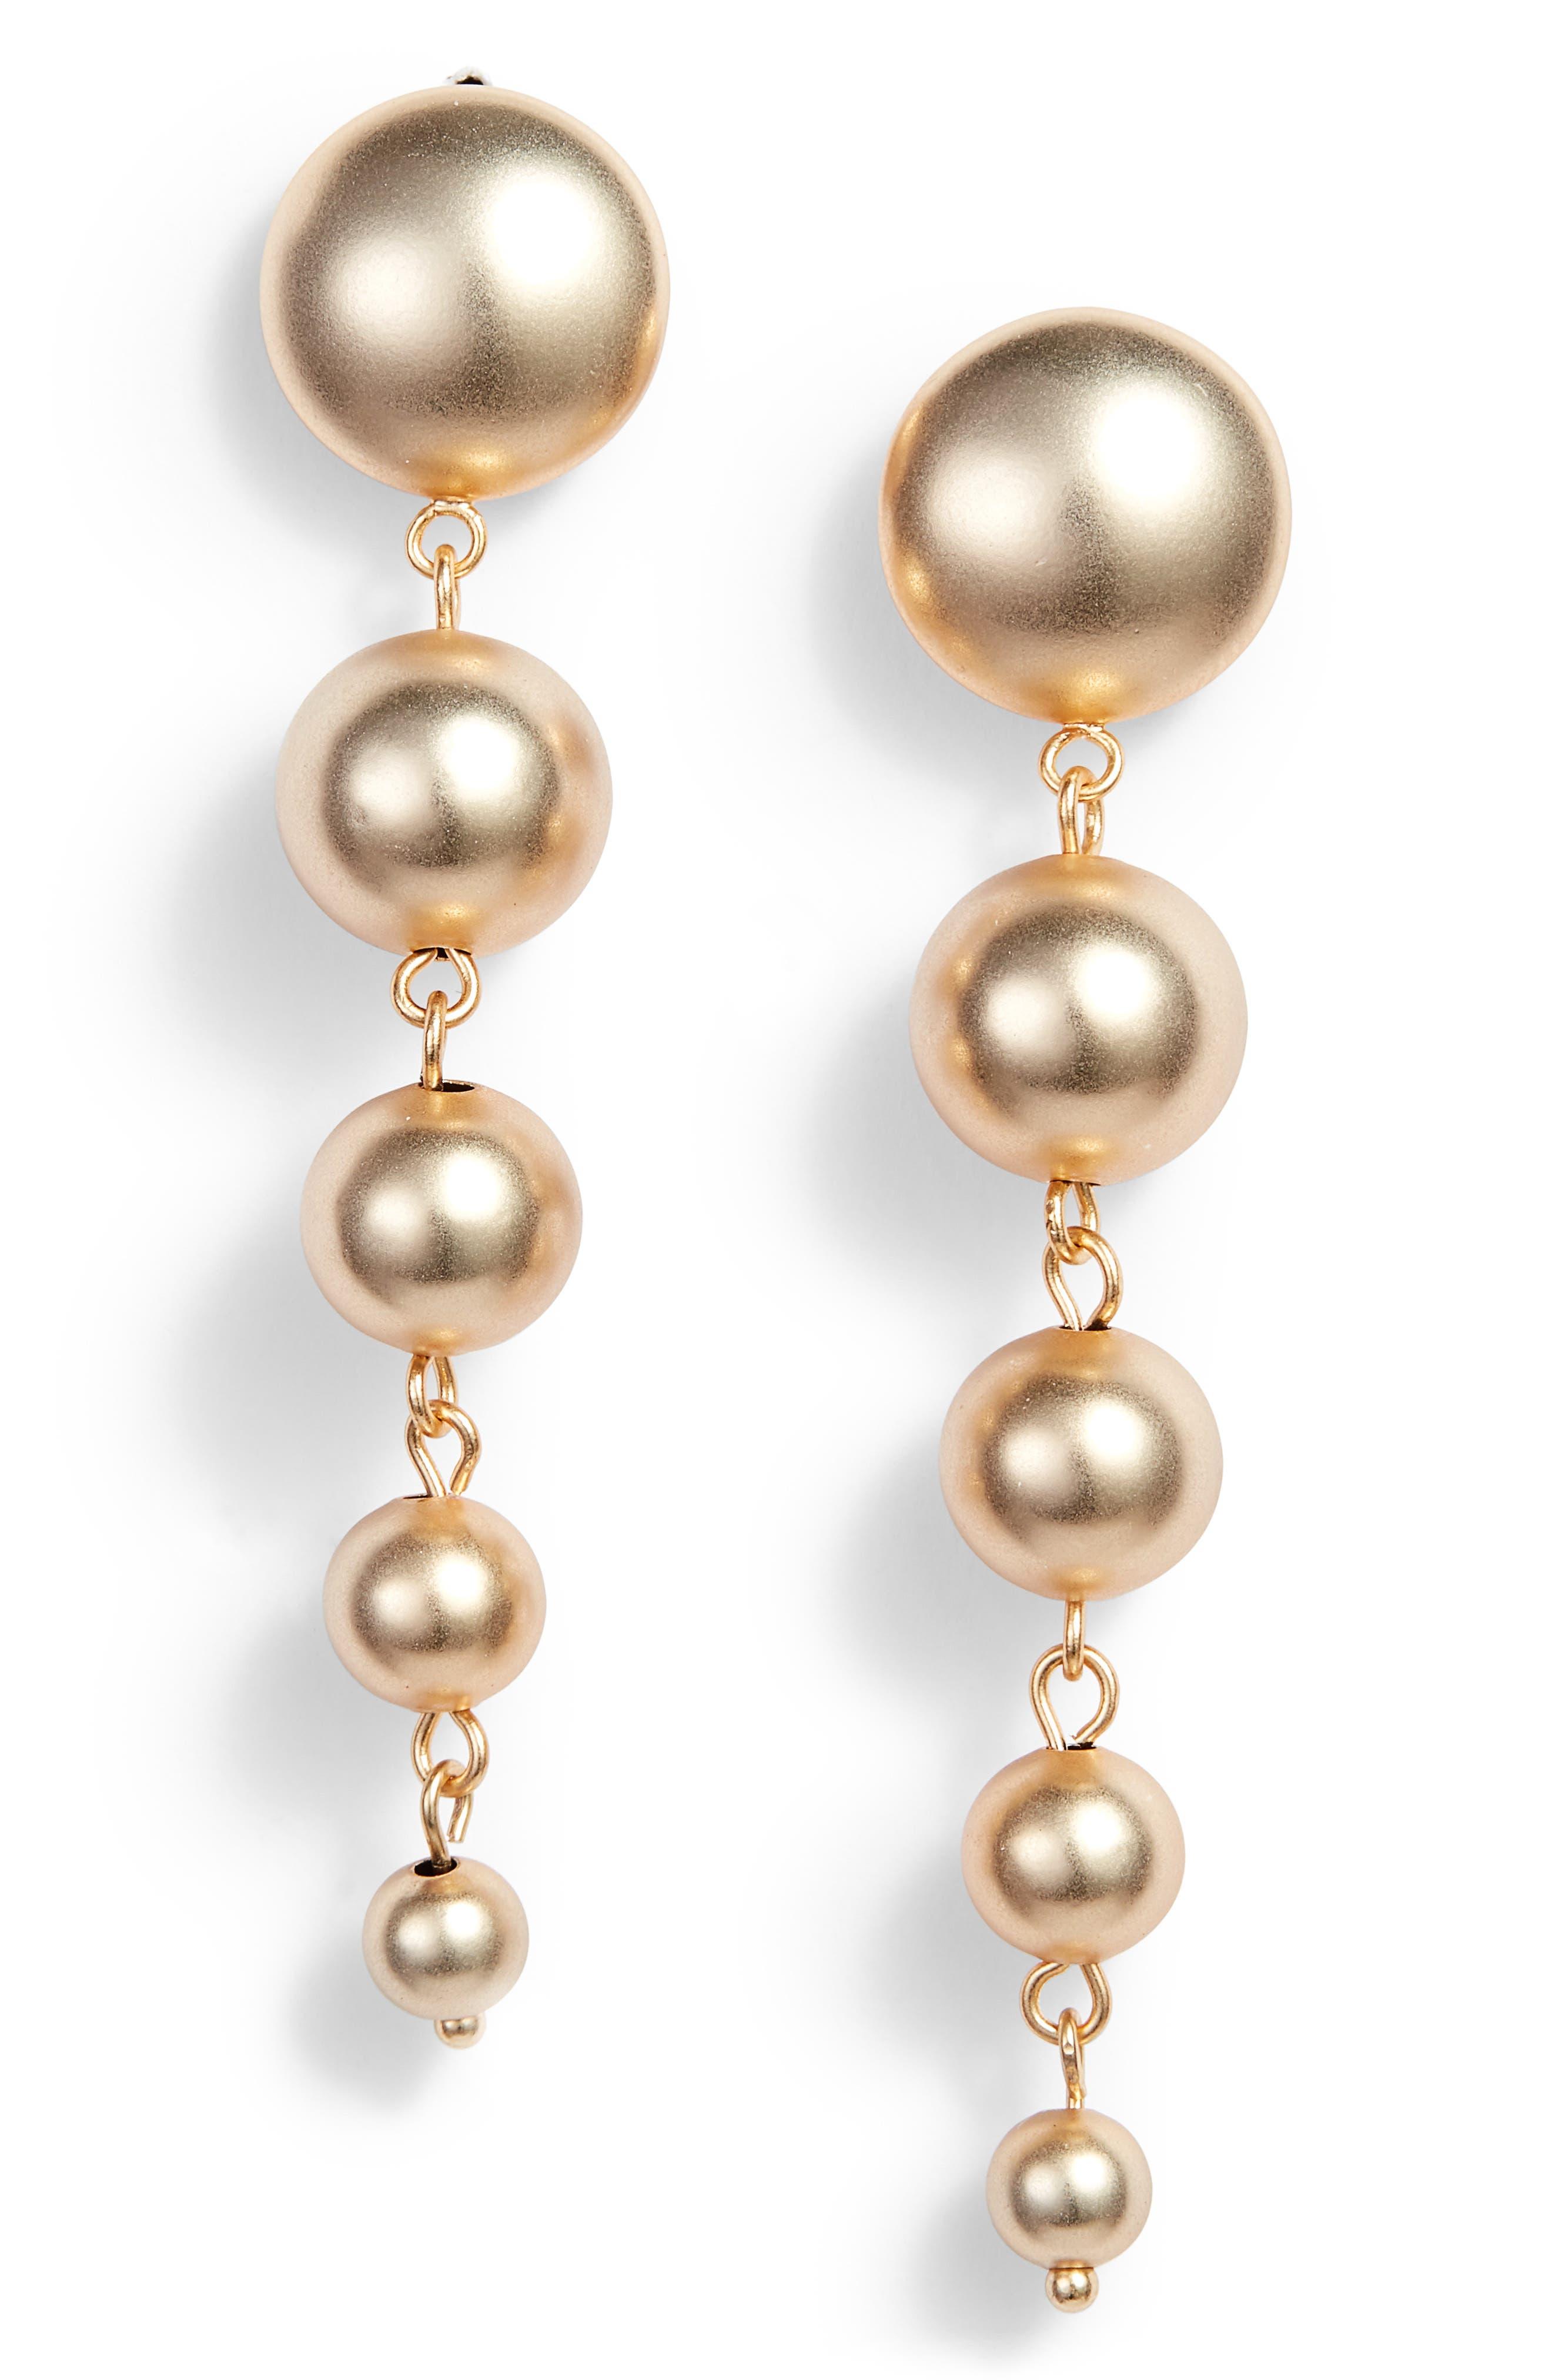 5-Sphere Graduated Drop Earrings,                             Main thumbnail 2, color,